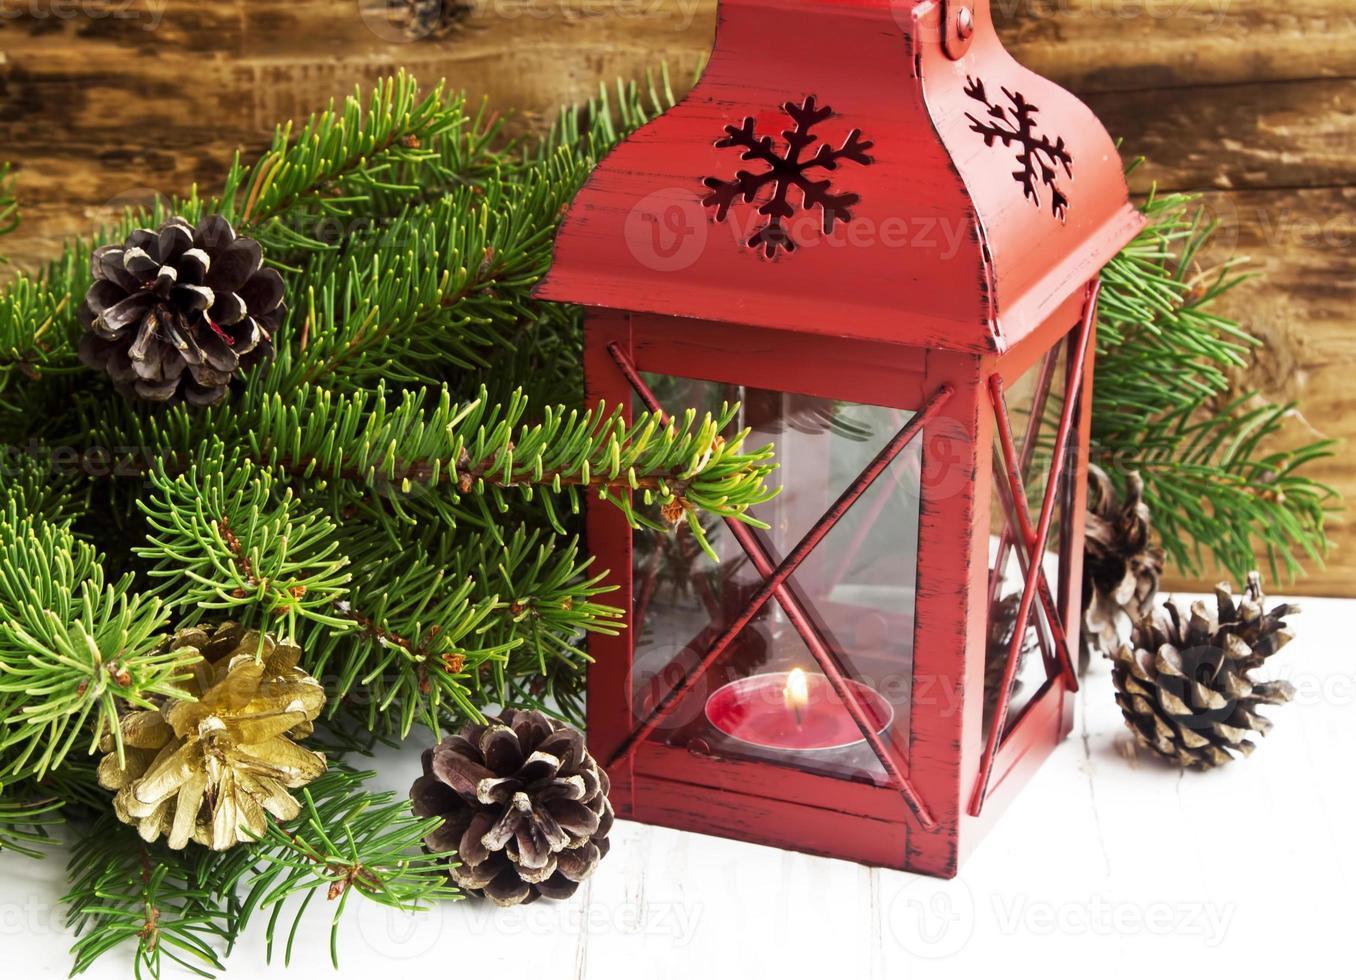 lanterne de noël avec des branches de sapin et des décorations photo